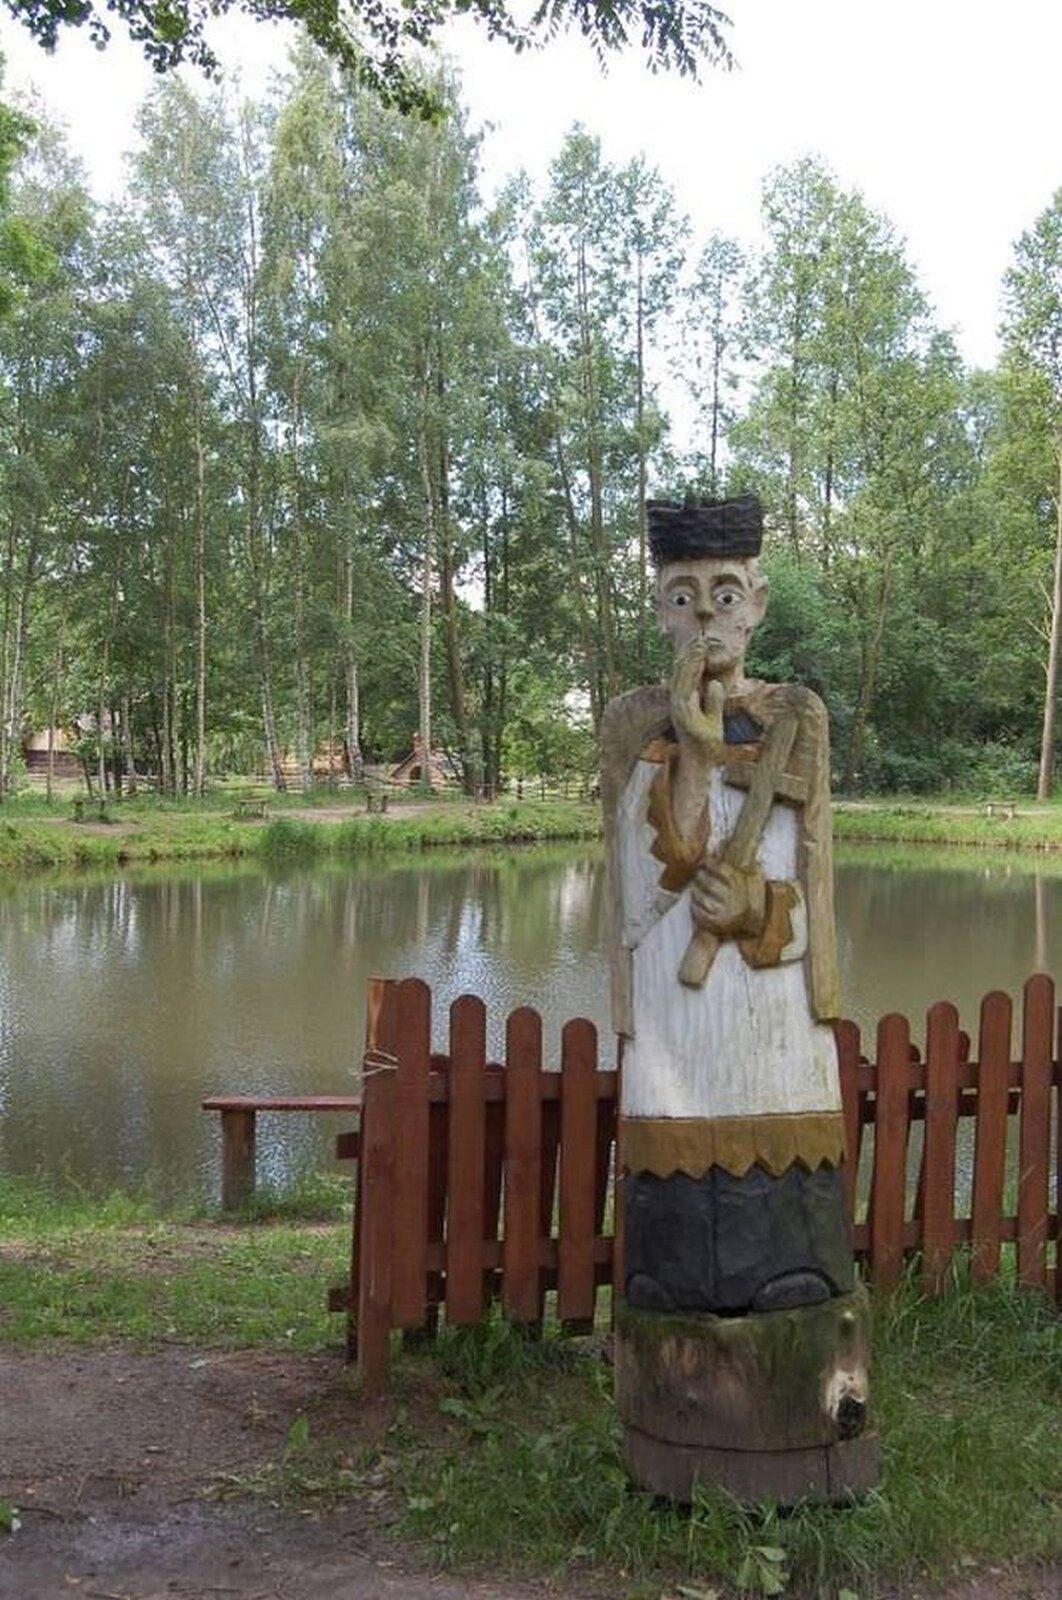 Ilustracja przedstawia figurę świętego Jana Nepomucena. Wjednej dłoni trzyma krzyż, adrugą ma uniesioną wgeście błogosławieństwa. Na głowie ma czarny biret. Jest ubrany wbiałą komżę, spod której widać jeszcze czarną sutannę. Rzeźba stoi na tle jeziora idrzew. Tuż za figurą stoi nieduży płotek.